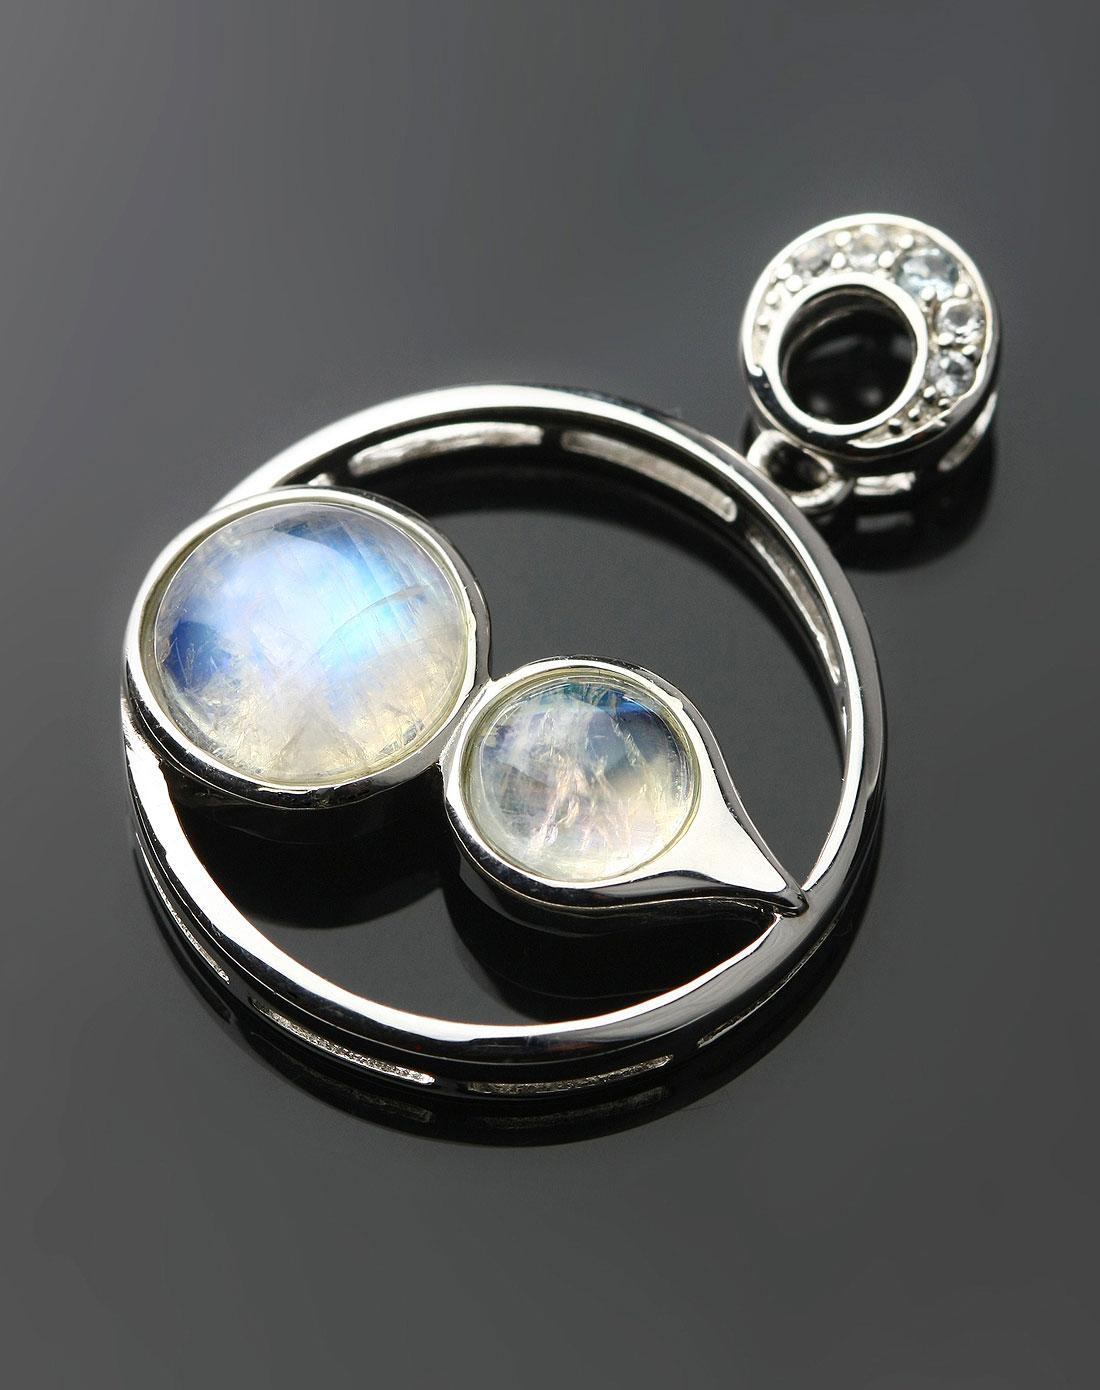 透白蓝光月光石吊坠-高级蓝月光-圆满-福禄寿(附证书)图片